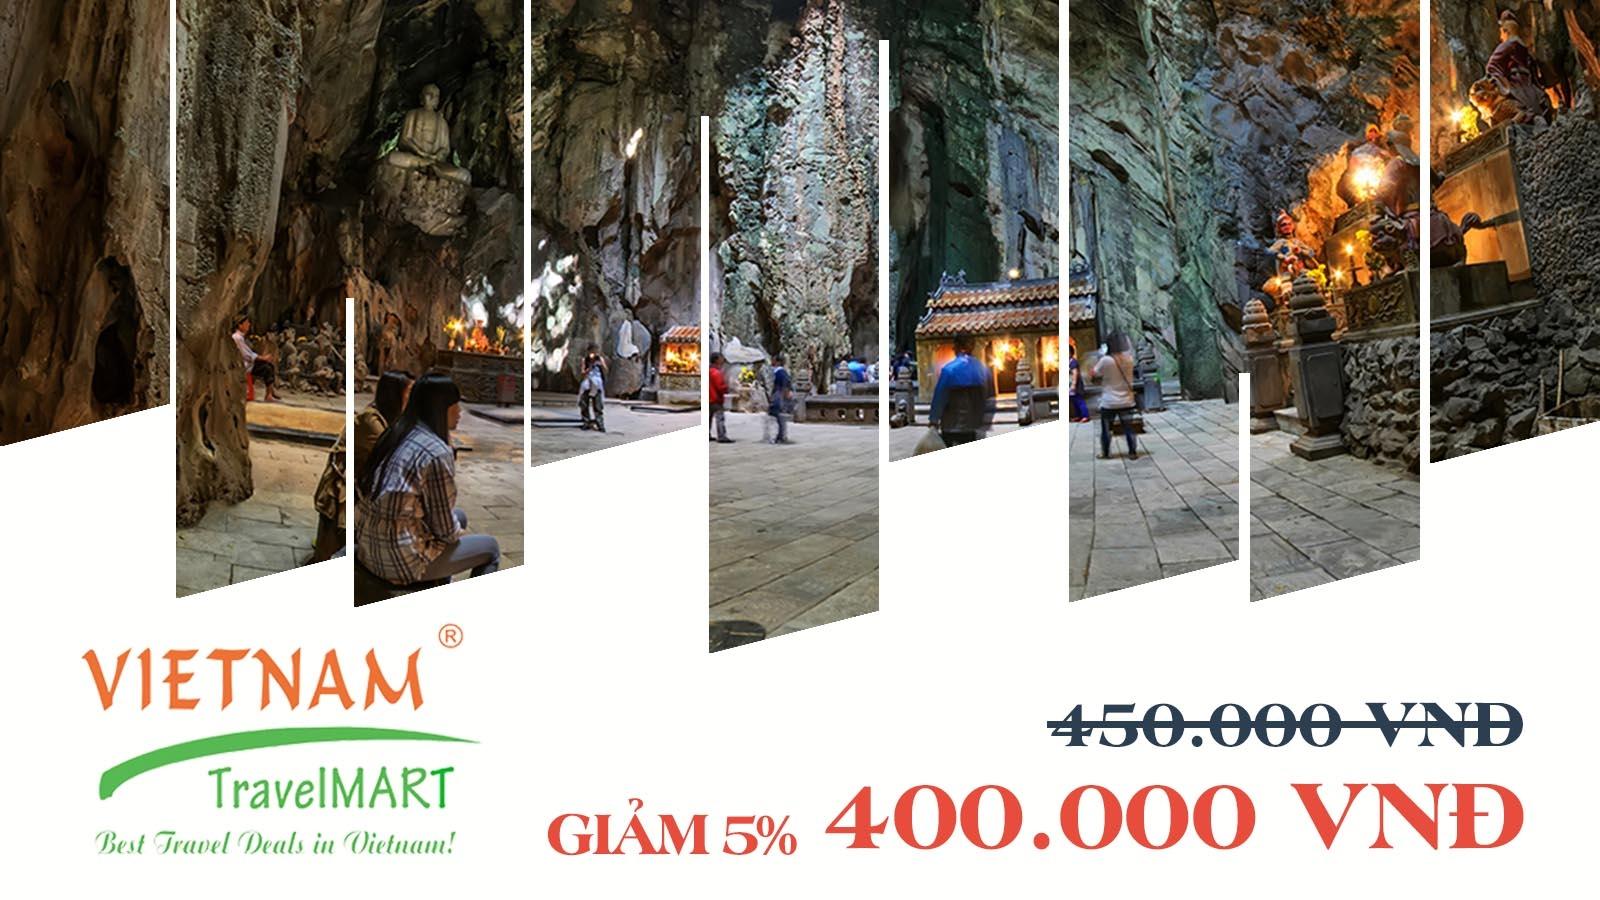 Vietnam TravelMART JSC   Giảm 5% Tour Ngũ Hành Sơn - Phố cổ Hội An